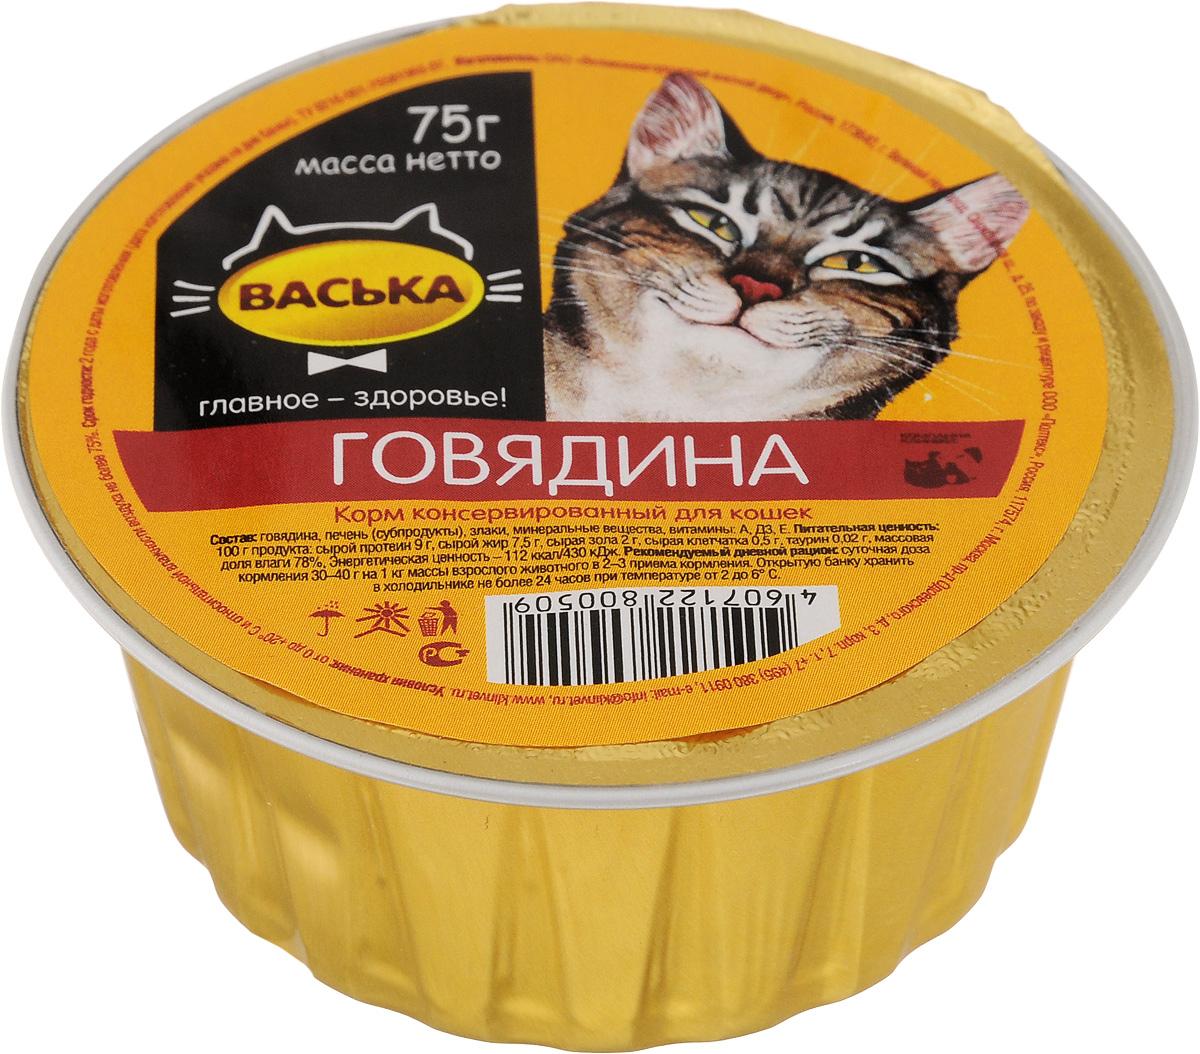 Консервы для кошек Васька, говядина, 75 г0509Консервированный корм Васька - это сбалансированное и полнорационное питание, которое обеспечит вашего питомца необходимыми белками, жирами, витаминами и микроэлементами. Нежный паштет порадует кошек любых возрастов и вкусовых предпочтений. Высокий процент содержания влаги в продукте является отличной профилактикой возникновения мочекаменной болезни. Говядина - естественный источник белков и жиров, которые легко усваиваются в организме животного и не нагружают обмен веществ и пищеварение. В корме также содержатся калий, цинк, легко усваиваемые формы железа, биофлавоноиды и витамины группы В. Корм абсолютно натуральный, не содержит ГМО, ароматизаторов и искусственных красителей. Удобная одноразовая упаковка сохраняет корм свежим и позволяет контролировать порцию потребления. Товар сертифицирован.